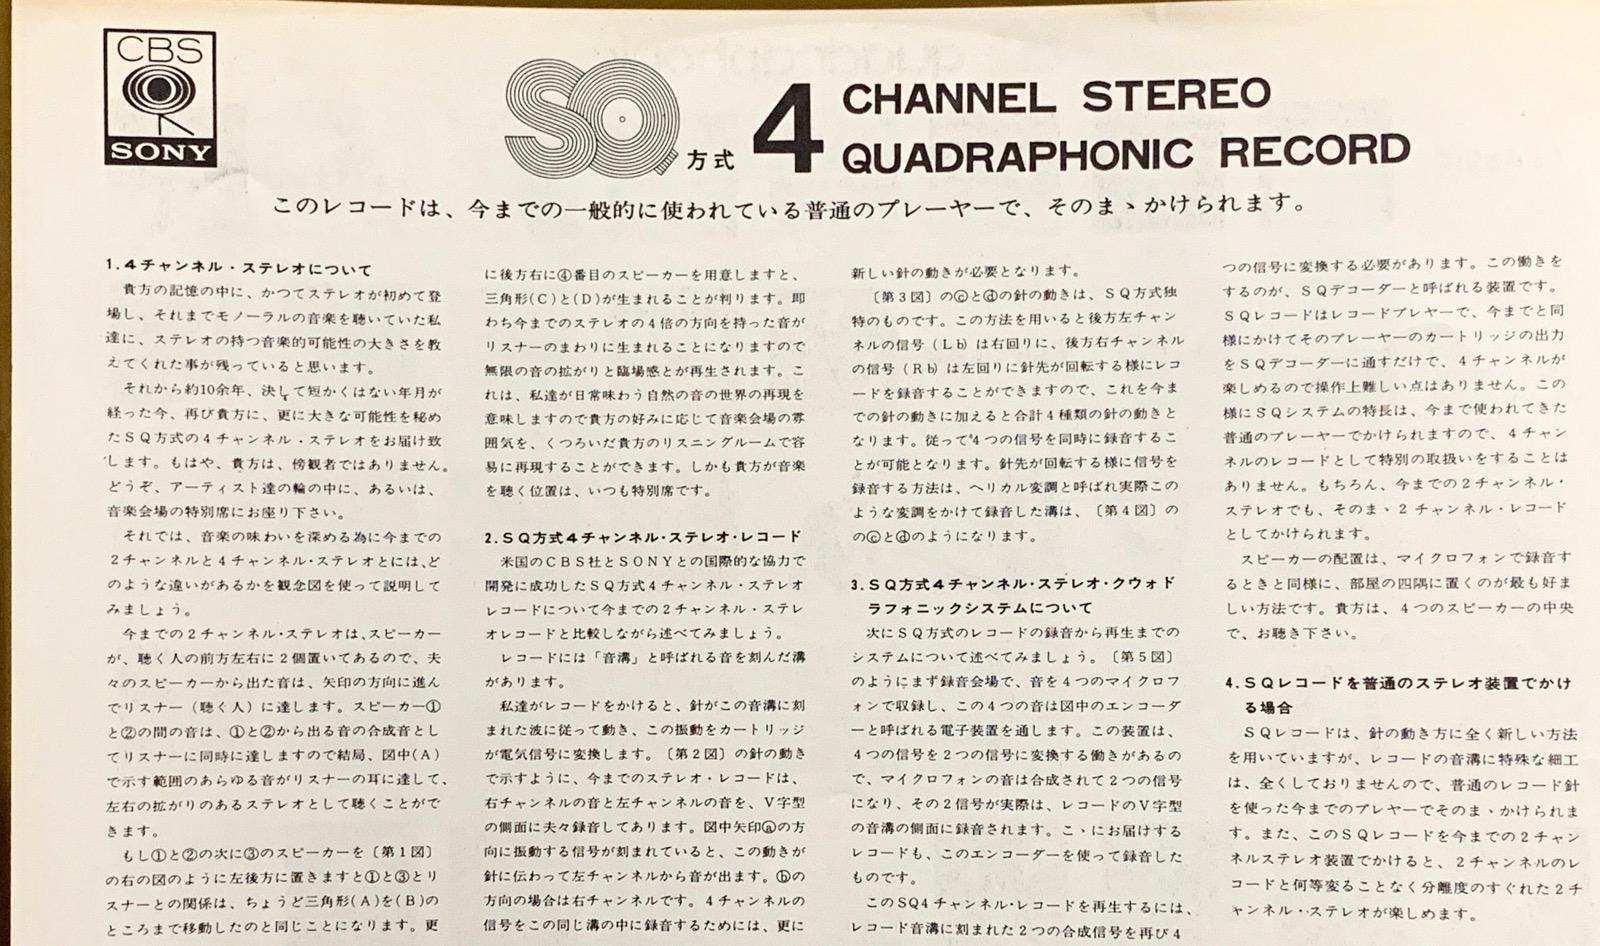 4チャンネルレコードの説明 quadrophonic